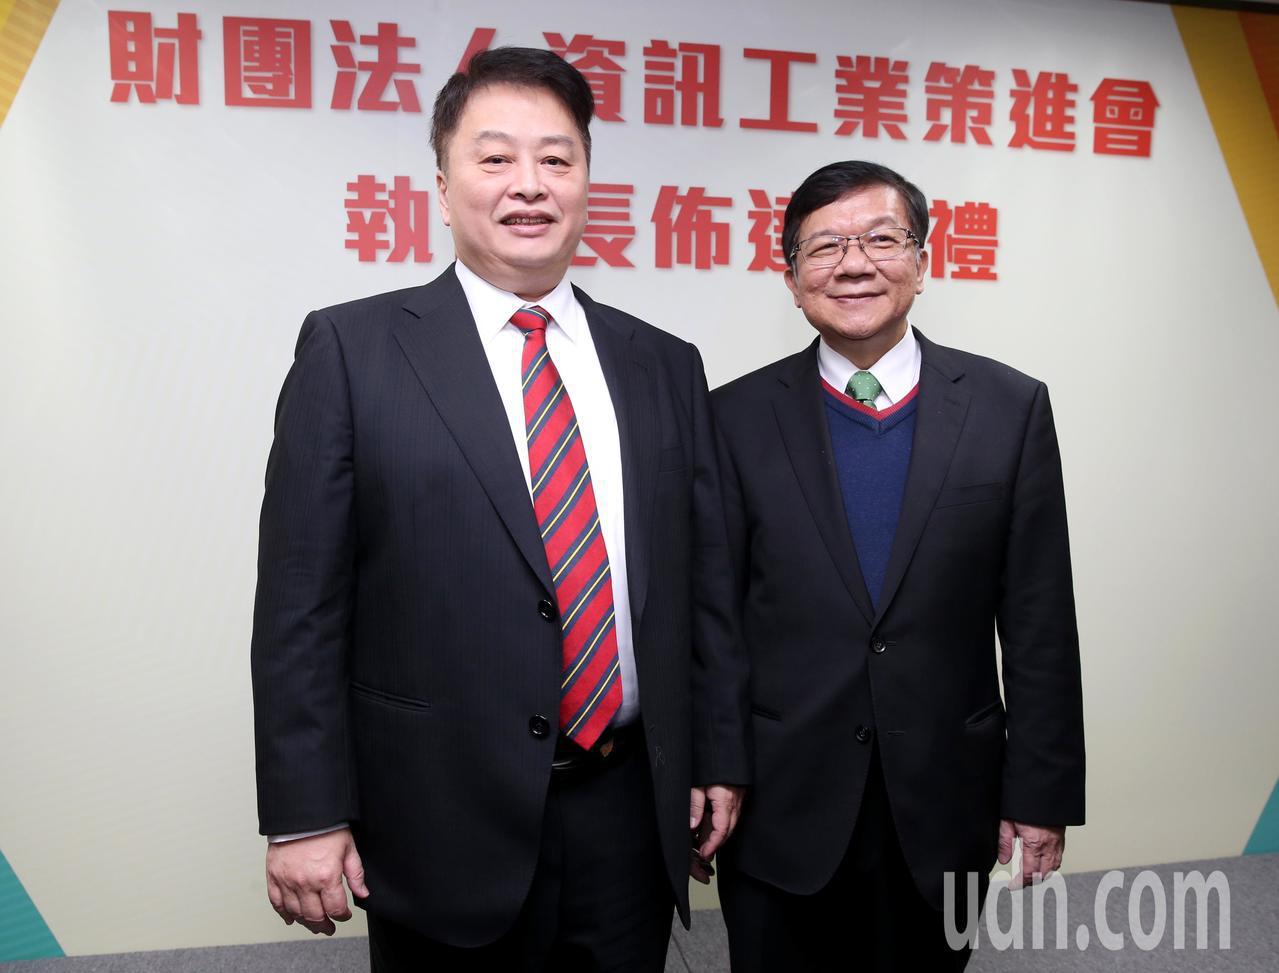 資策會下午舉行布達典禮,執行長卓政宏(左)正式布達,資策會董事長李世光(右)也親...